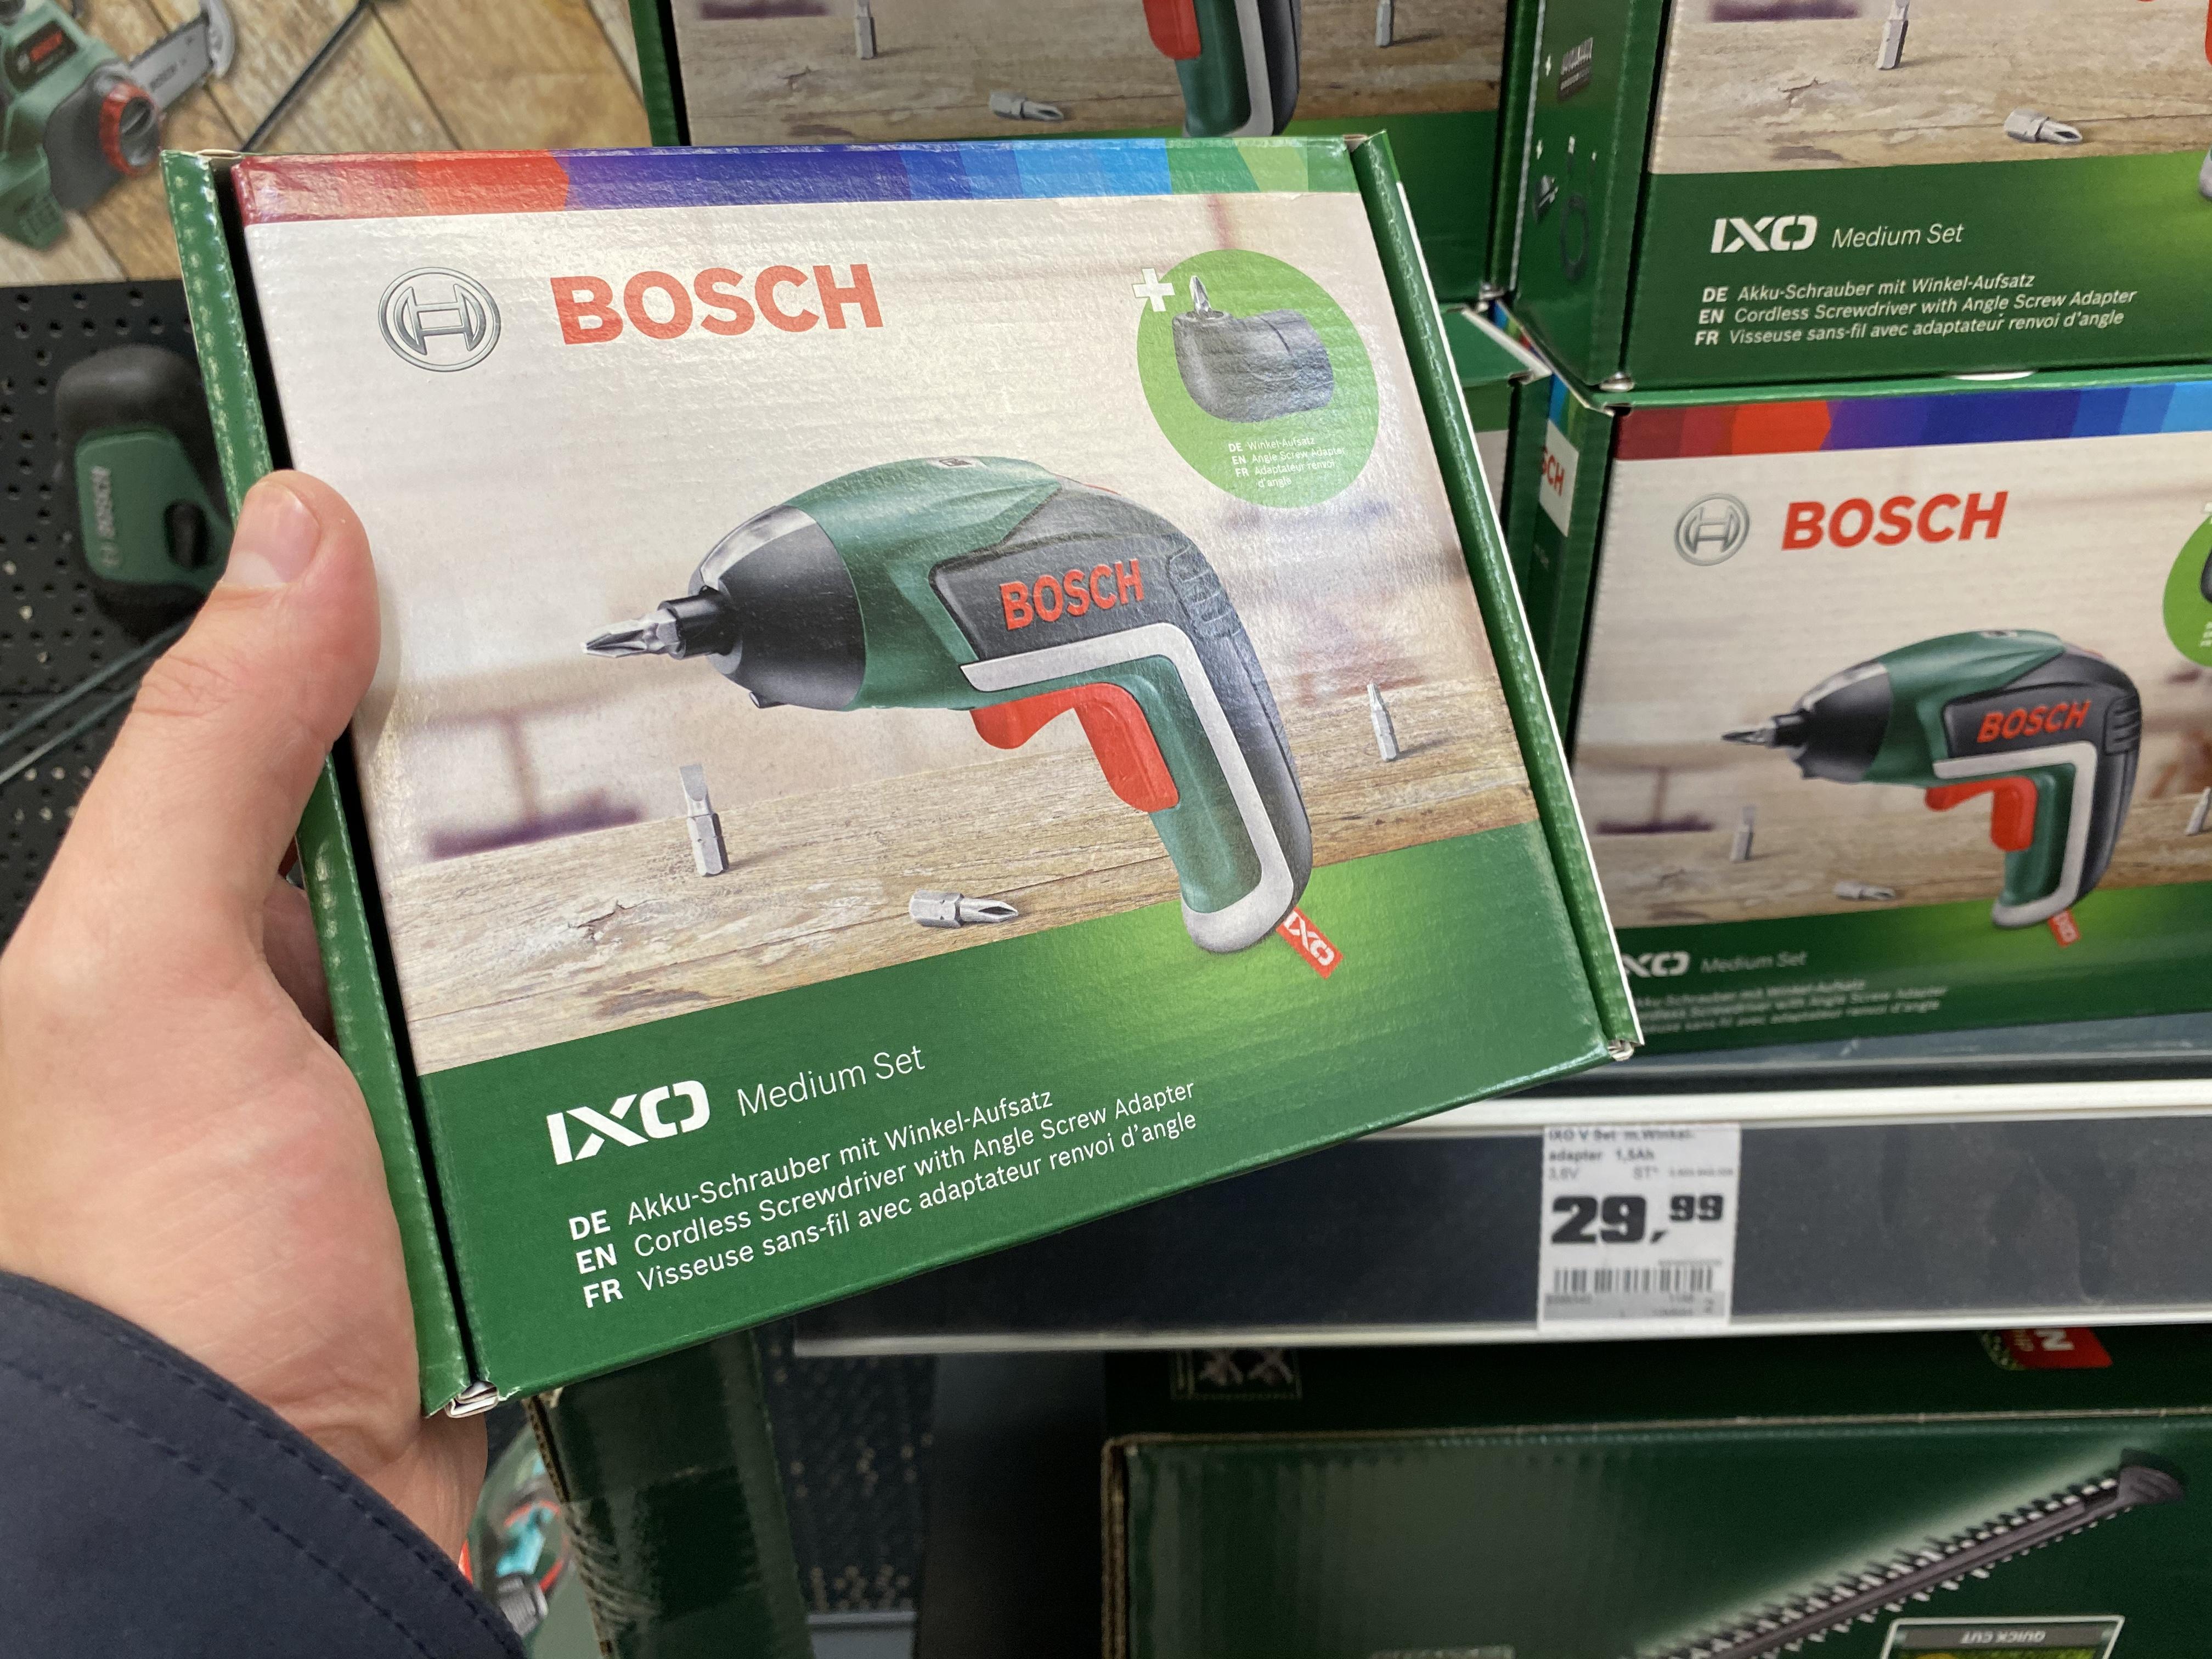 Bosch IXO Medium Set mit Winkel-Aufsatz